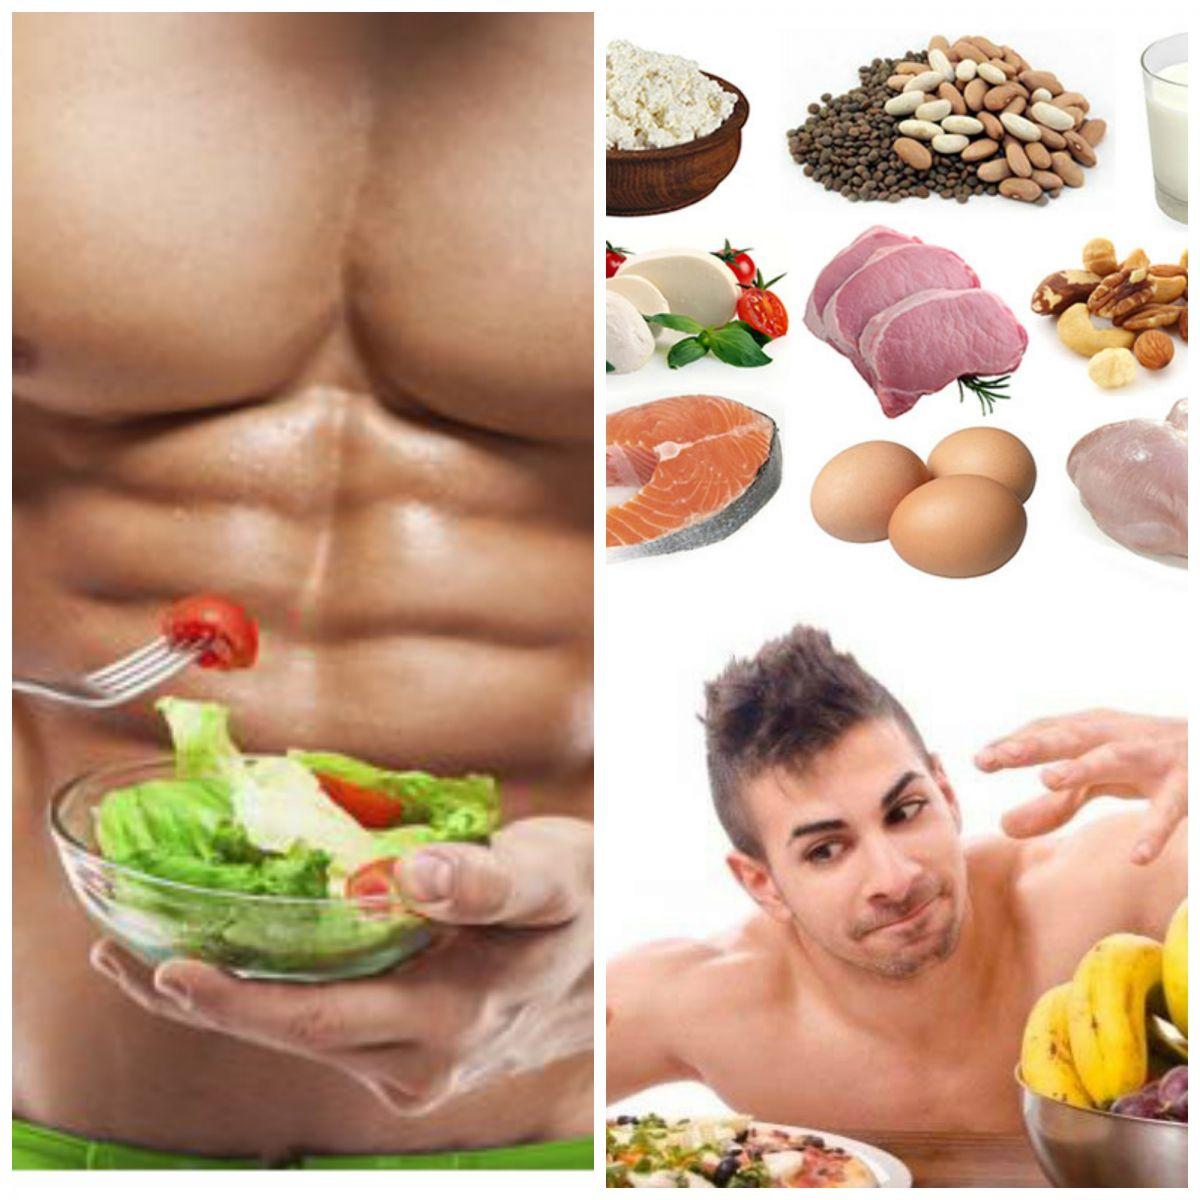 Dinh dưỡng trước và sau buổi tập cho người tập Gym